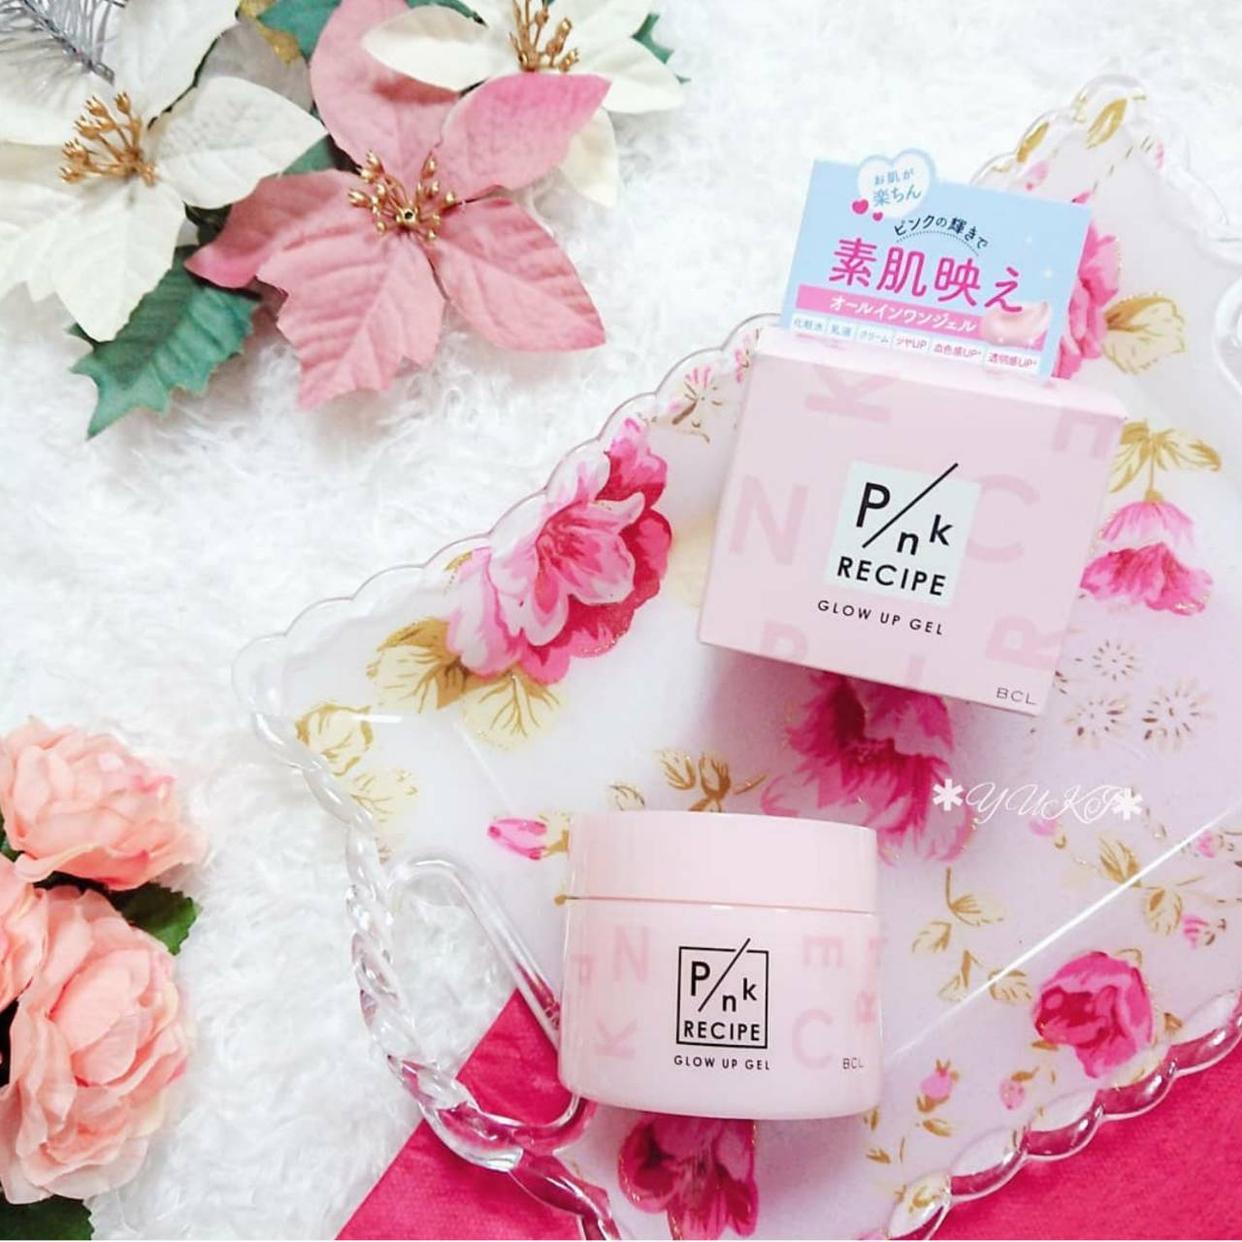 PINK RECIPE(ピンクレシピ)グロウアップジェルを使ったYUKIさんのクチコミ画像